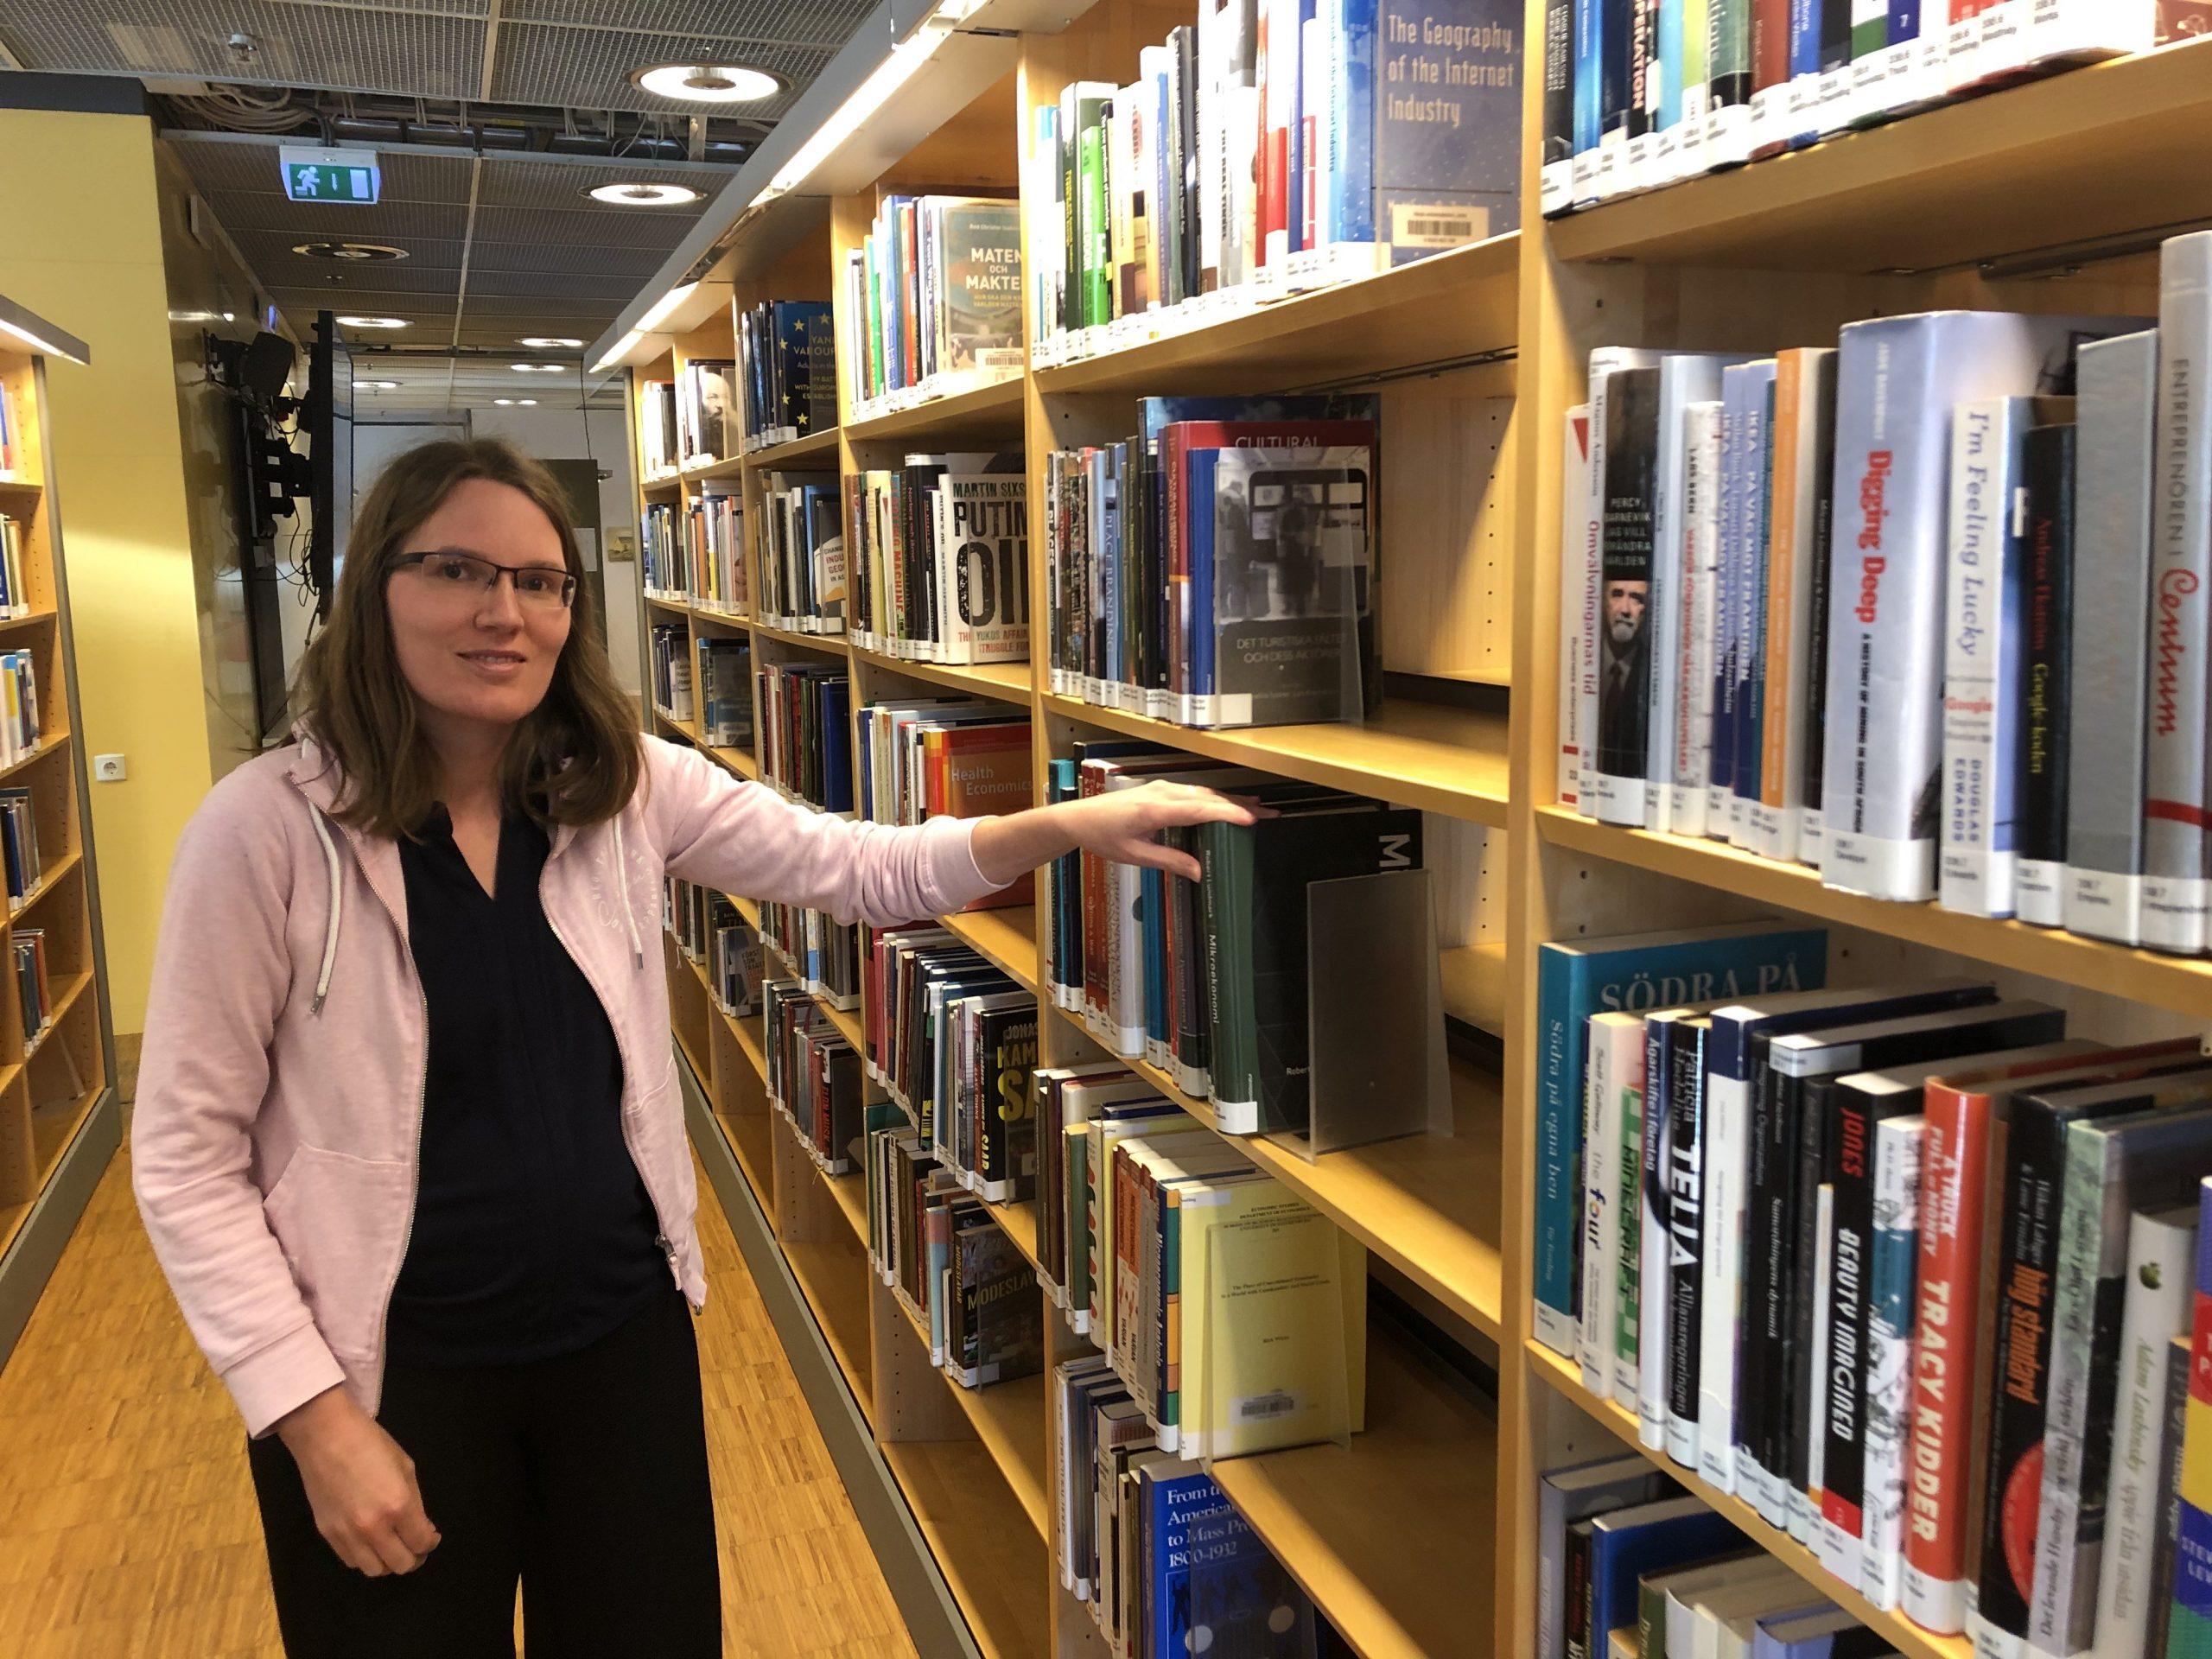 Ann Elofsson är forskarstuderande med fokus på klimatfrågor och är engagerad i såväl Refarm Linné som Naturskyddsföreningen. Hon anser att folkbildning i miljöfrågor behövs i samhället.